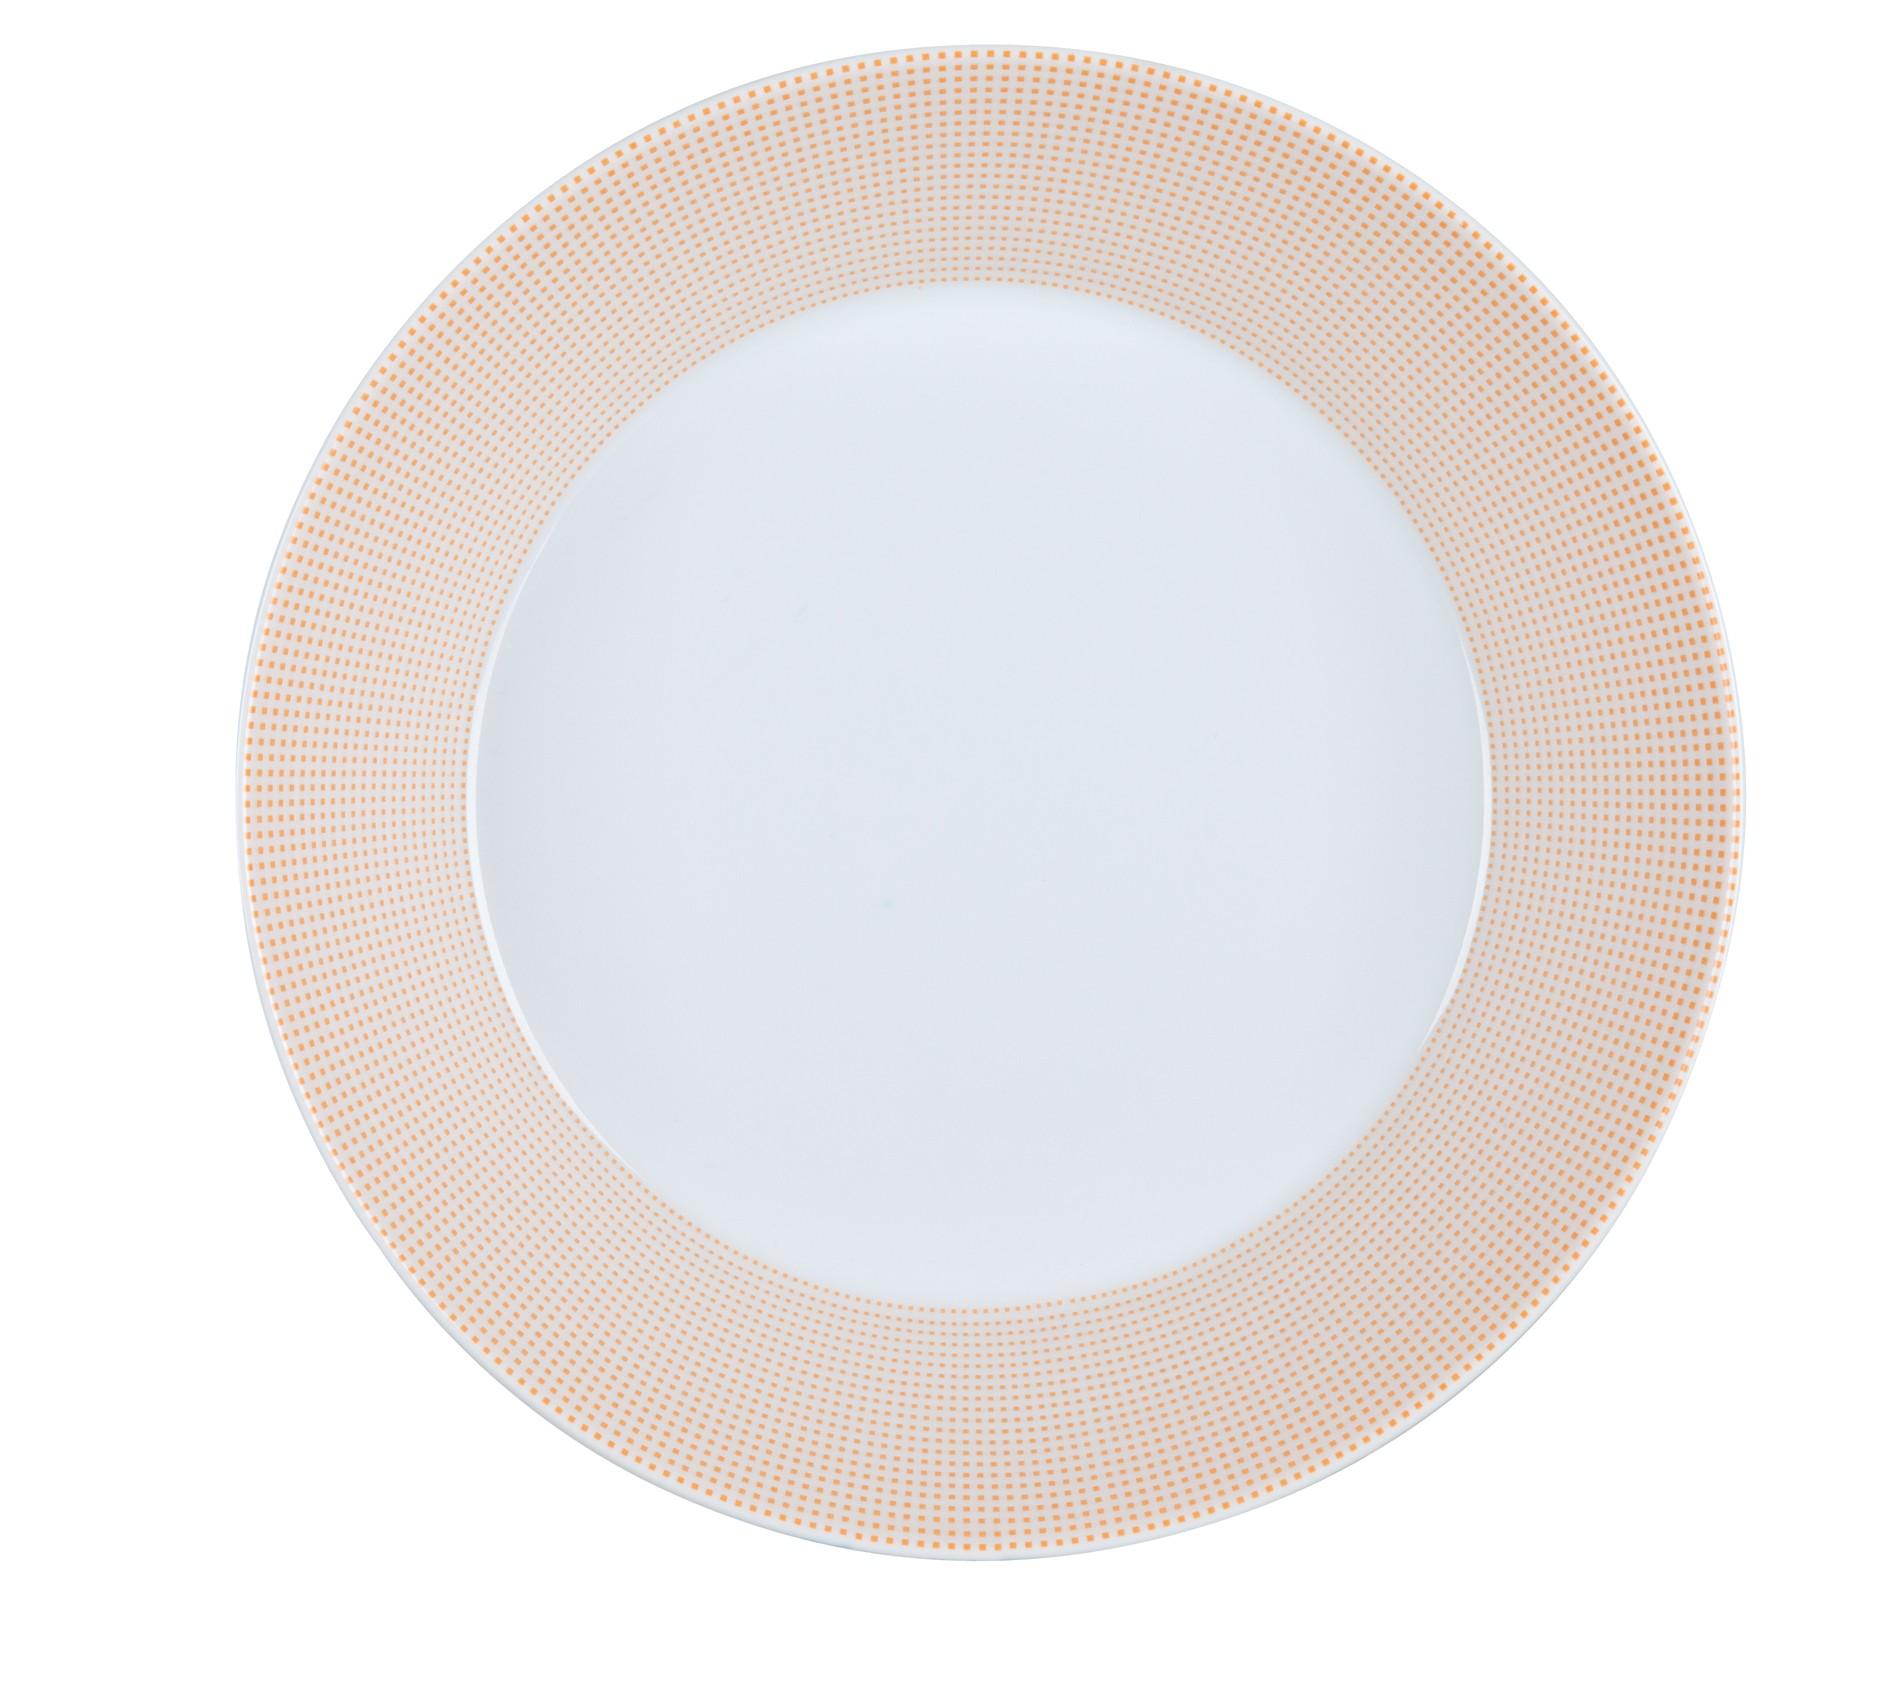 Πιάτο Βαθύ Σετ 6Τμχ Punto Orange 20cm Ionia home   ειδη σερβιρισματος   πιάτα